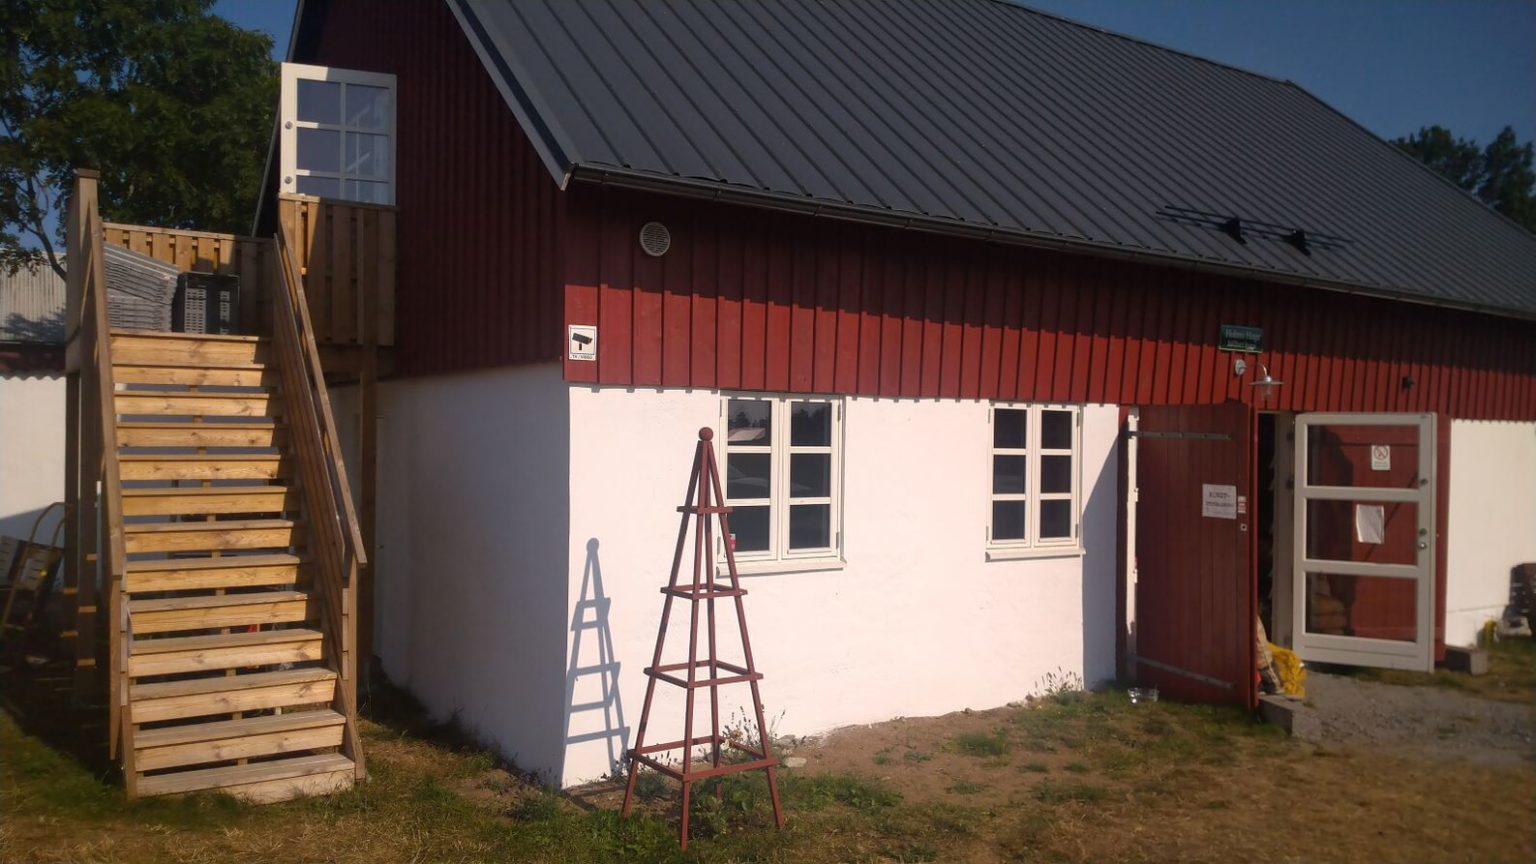 Holms Hage Café Farm Shop